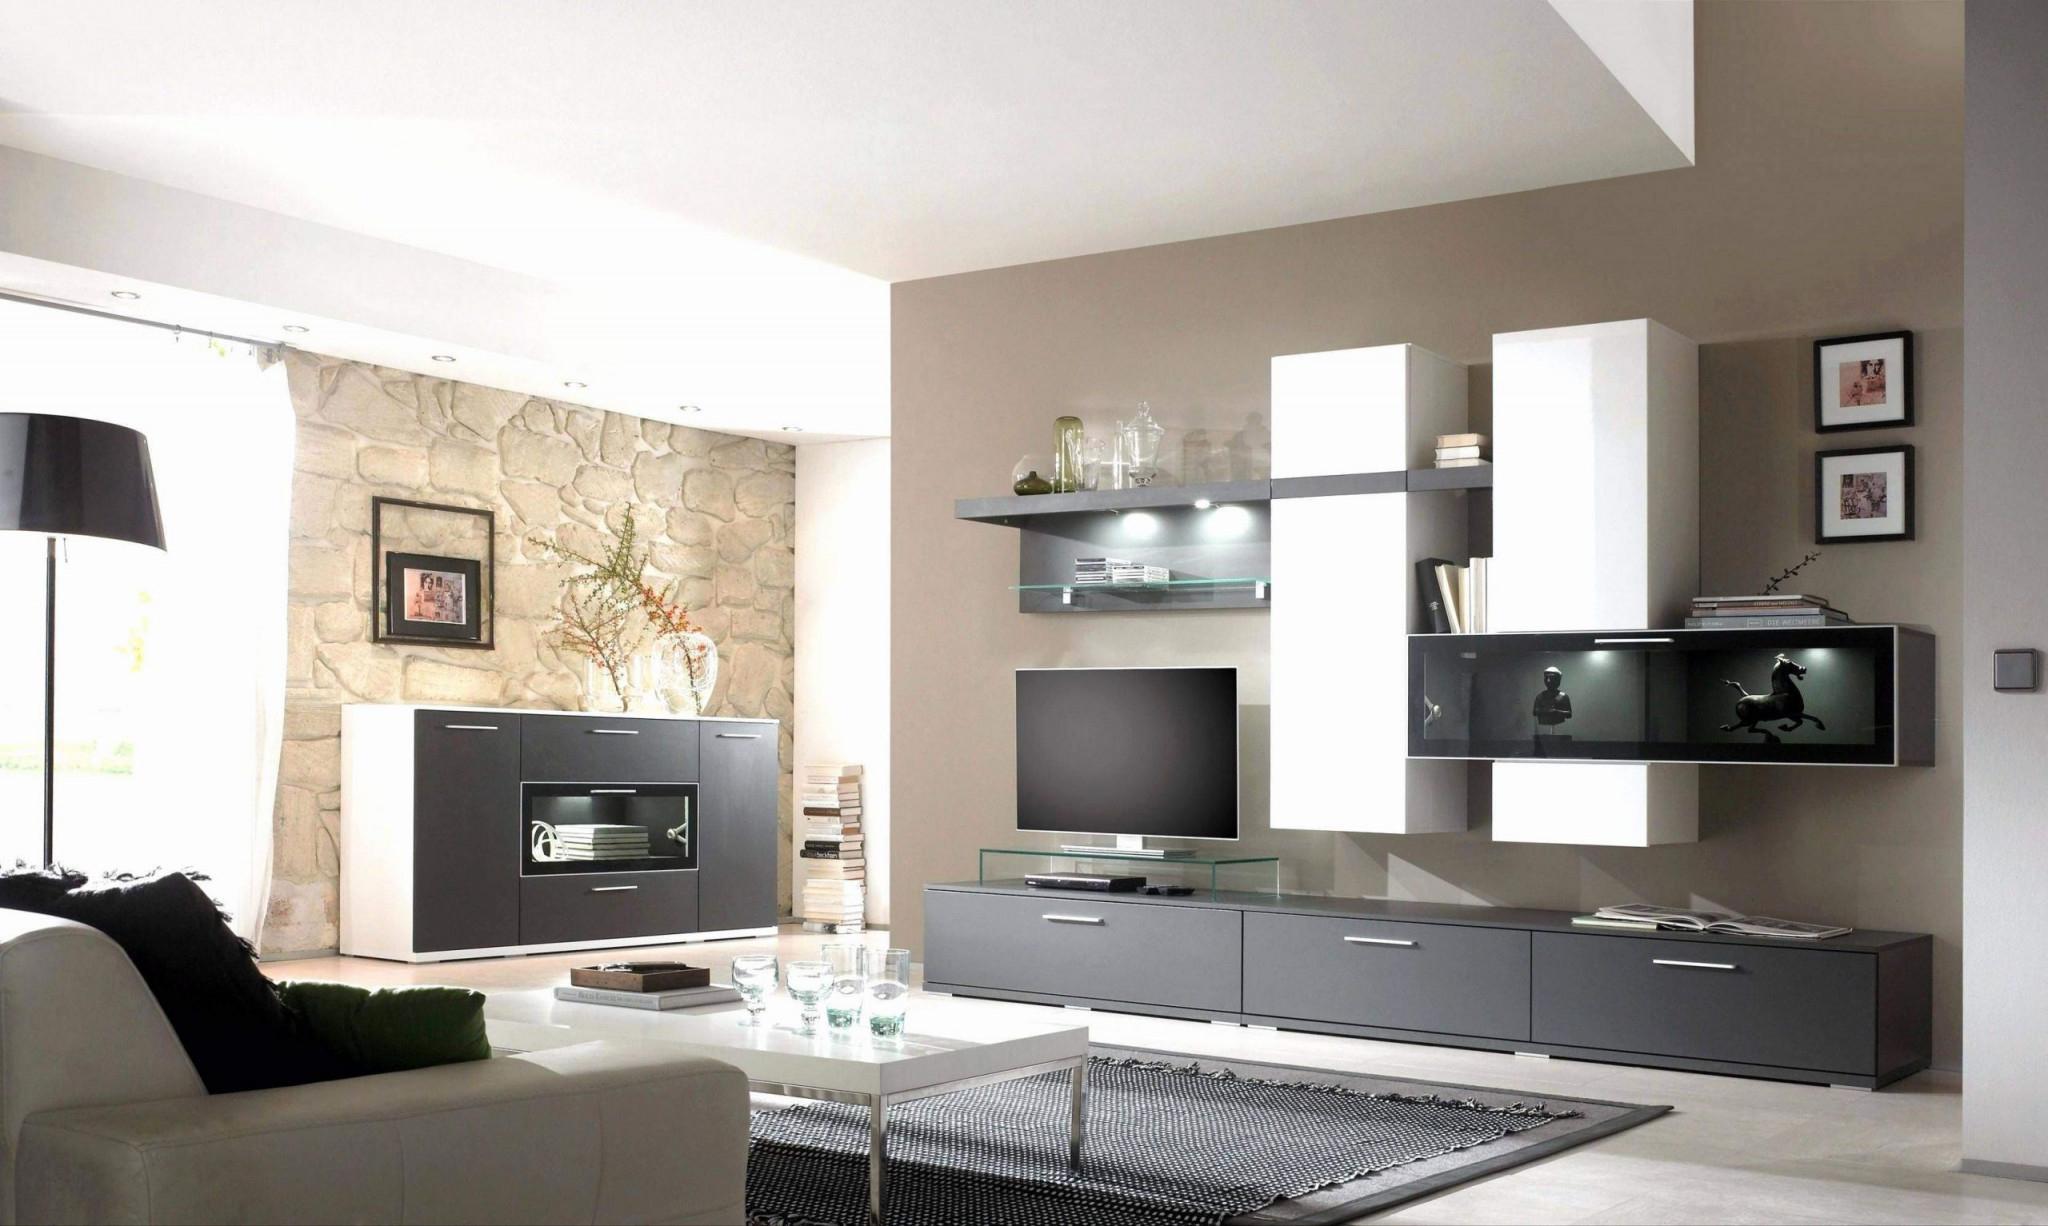 29 Inspirierend Wandfarbe Für Wohnzimmer Luxus  Wohnzimmer von Moderne Wandfarbe Wohnzimmer Photo